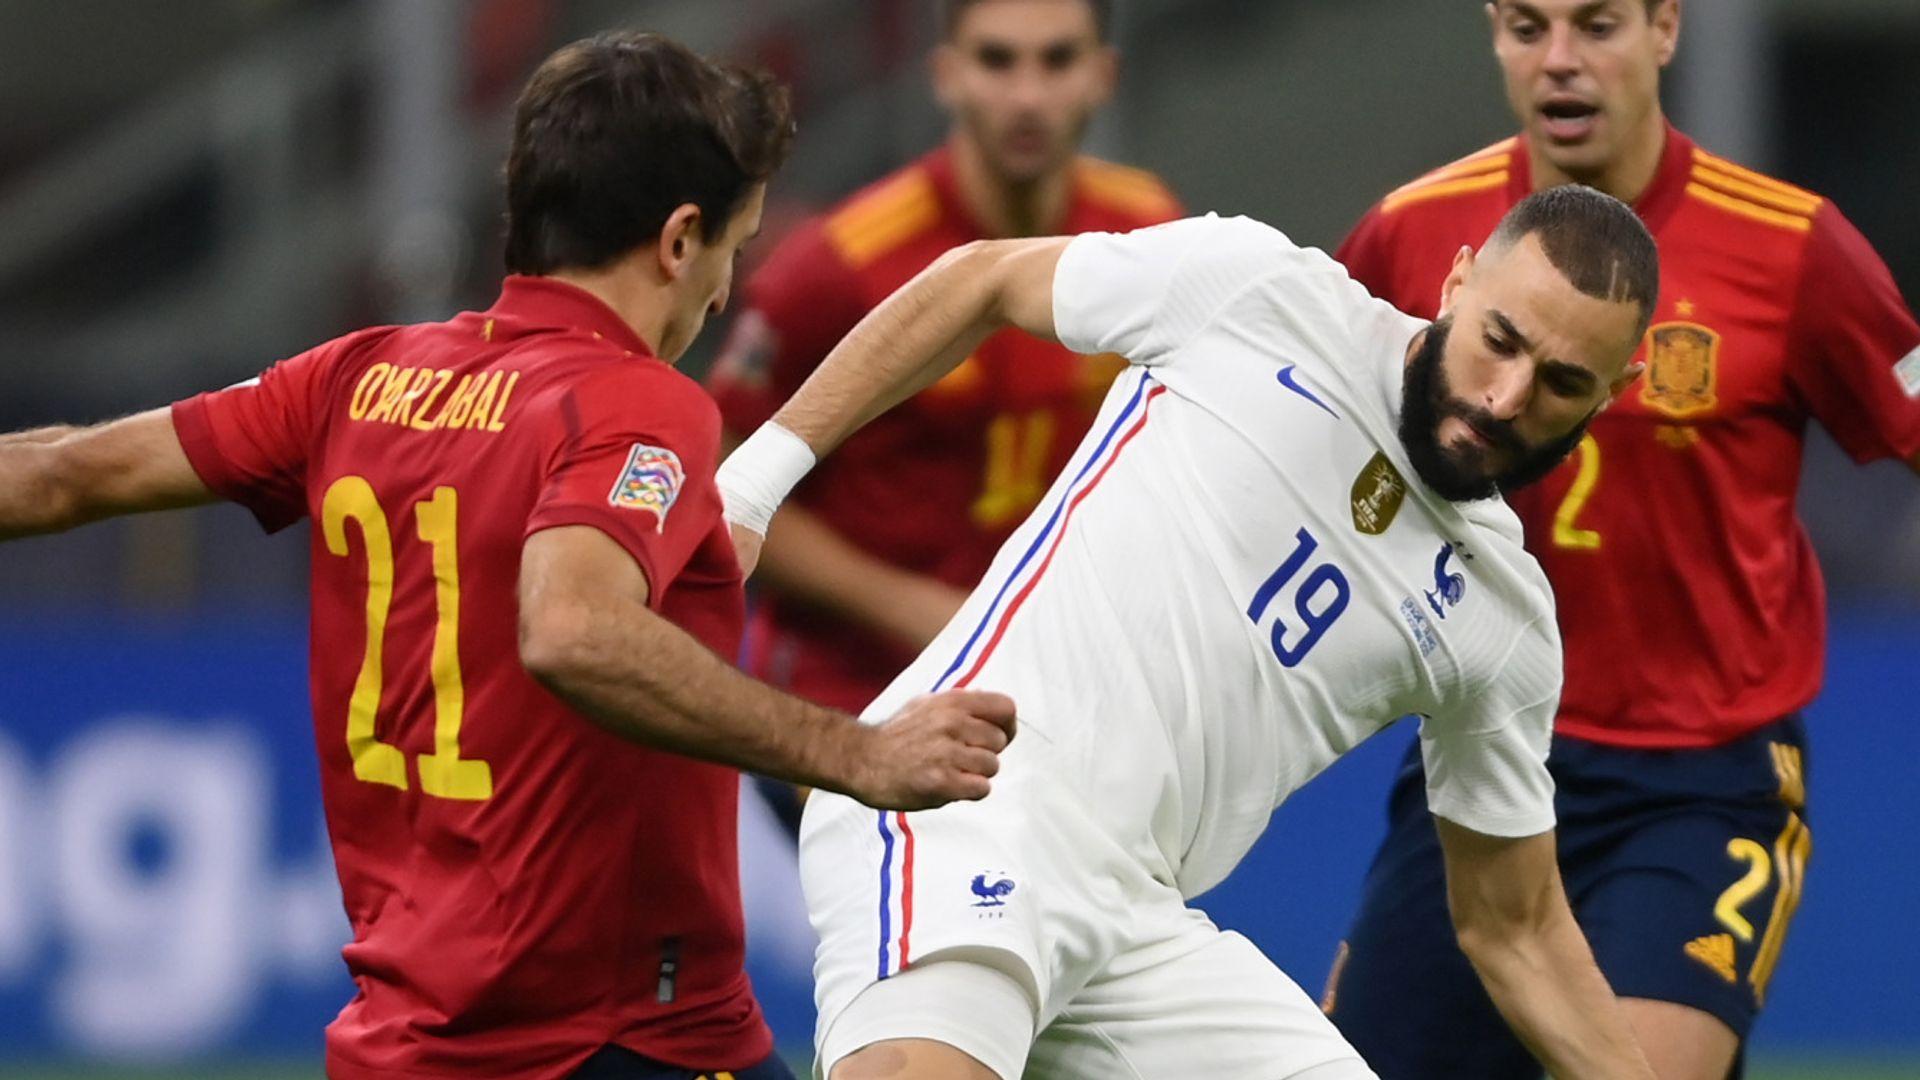 Nations League final: Spain vs France LIVE!